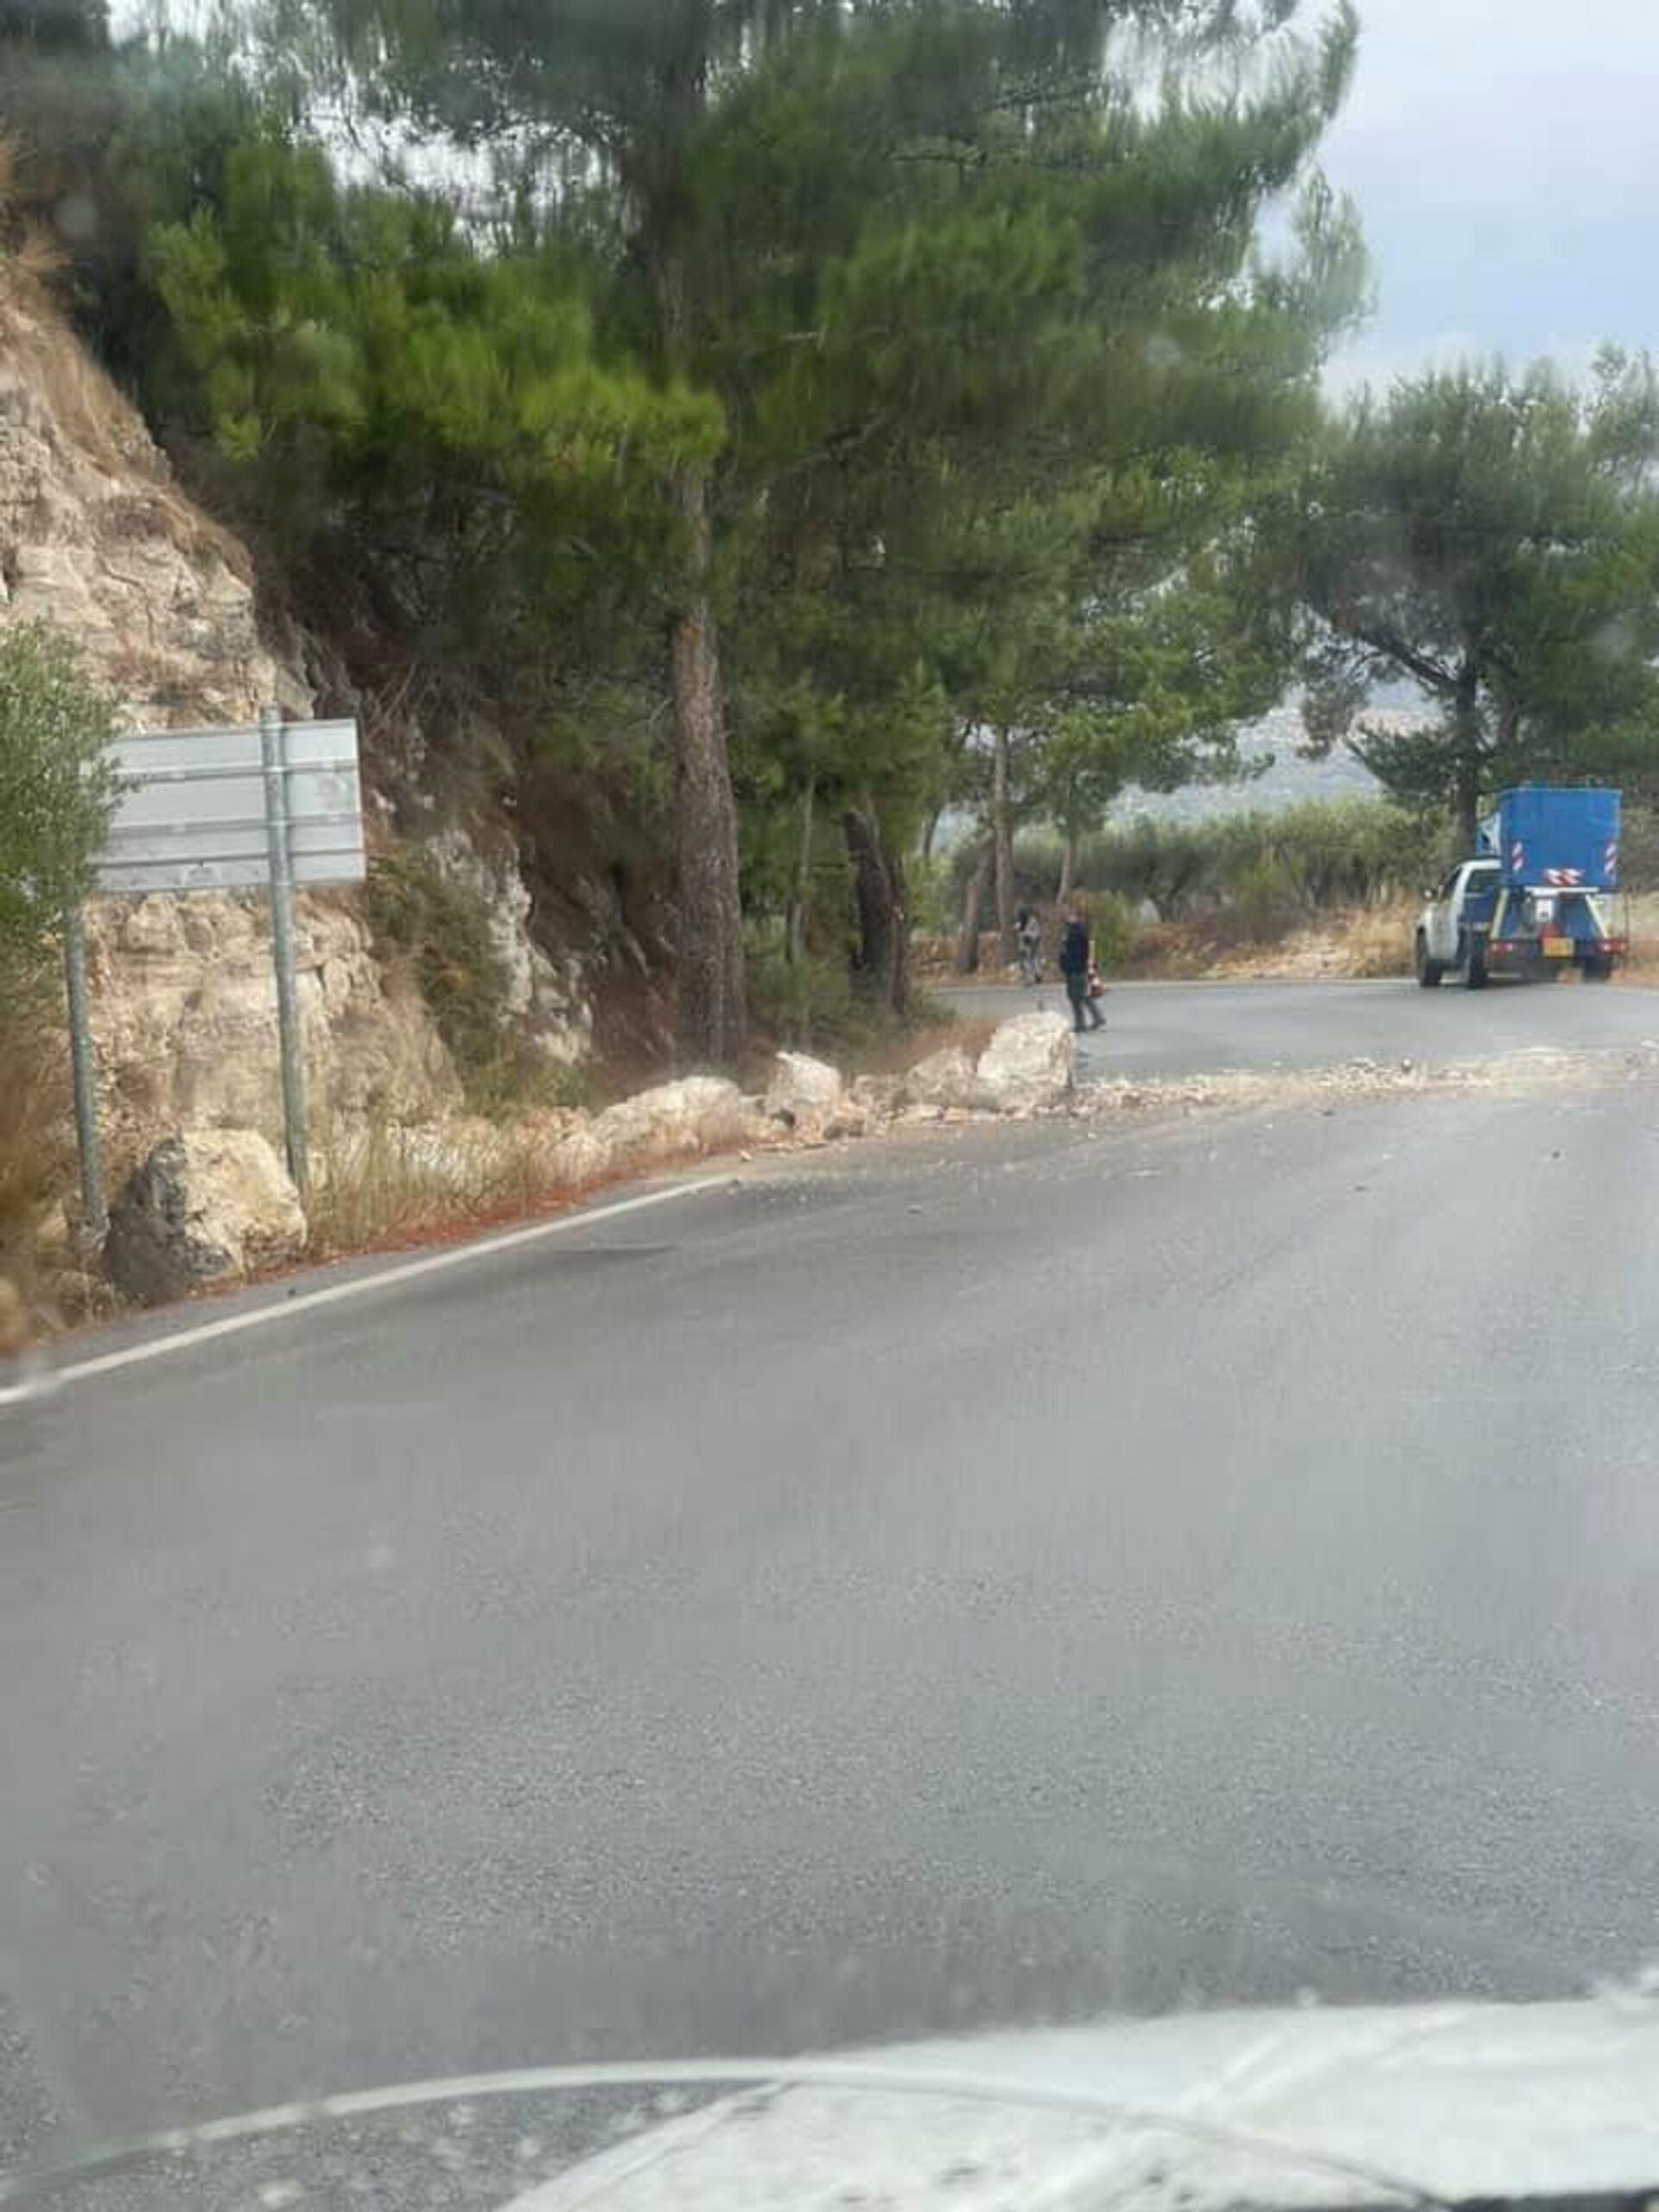 Κρήτη: Πτώσεις βράχων μετά τον σεισμό των 6,3 Ρίχτερ - Sputnik Ελλάδα, 1920, 12.10.2021